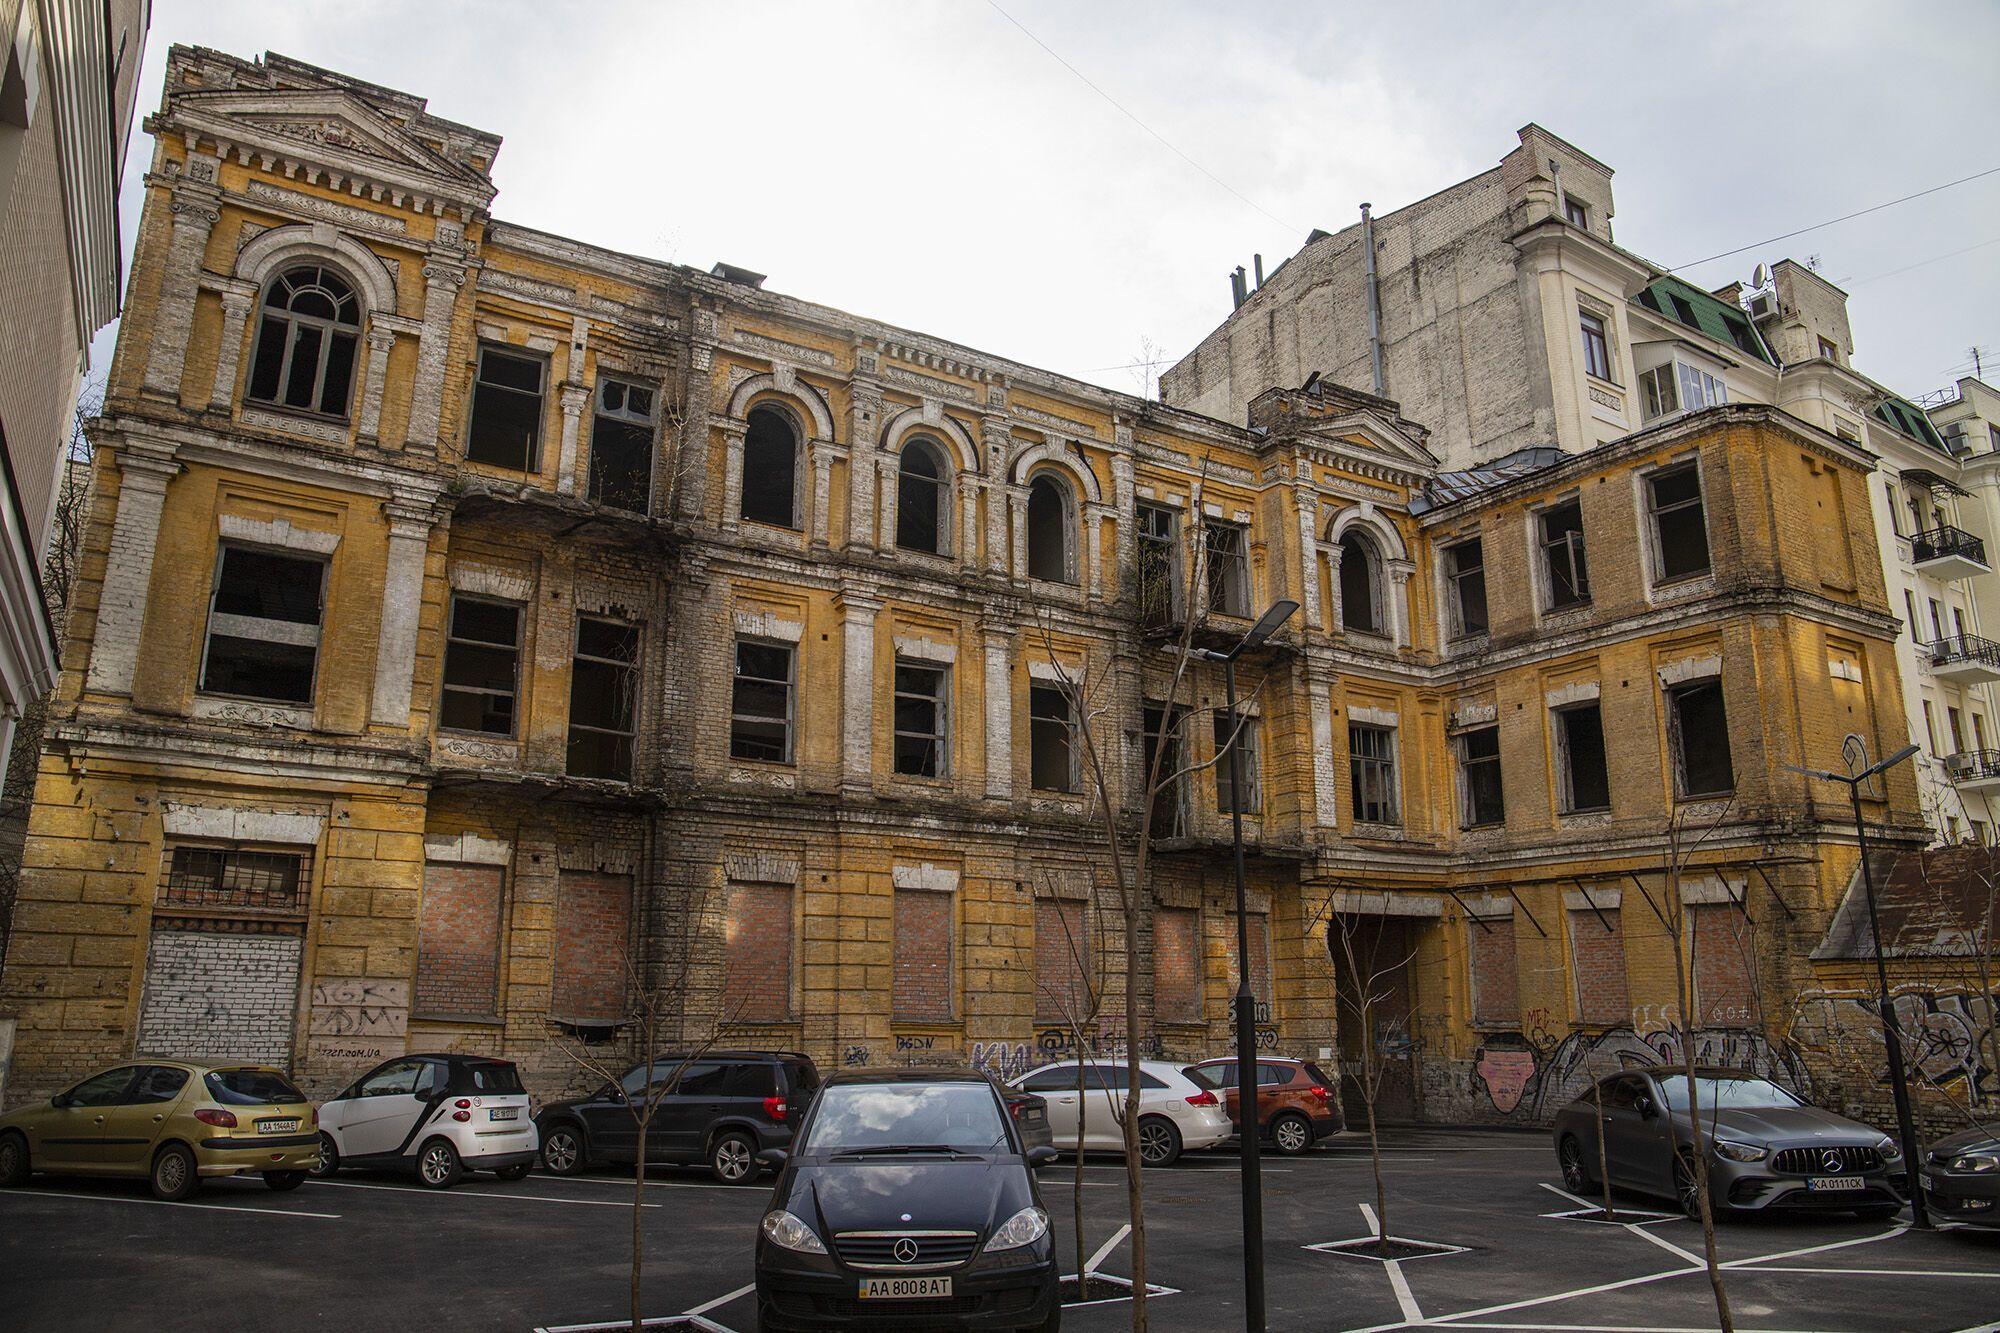 Здание находится в аварийном состоянии.